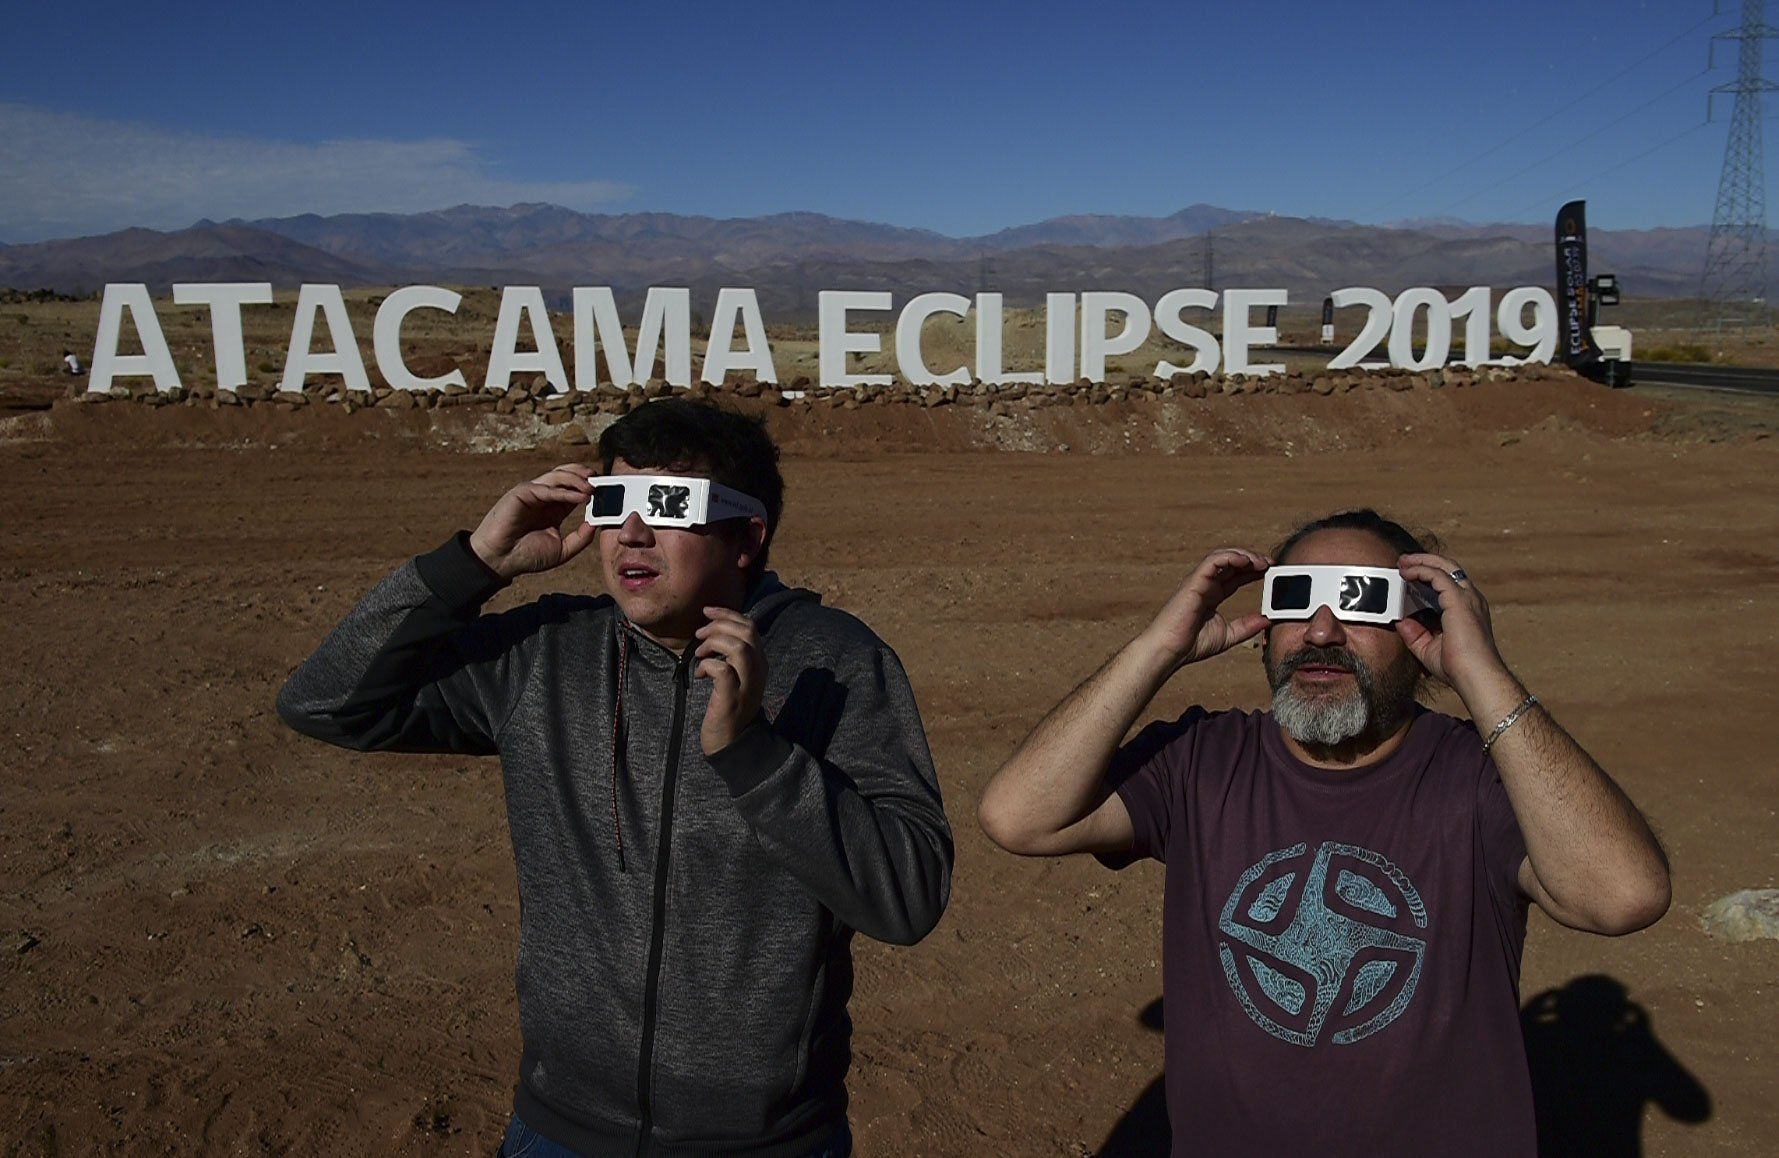 Turistas prueban gafas especiales para ver un eclipse en la entrada de un campamento astronómico en la comuna de Vallenar en el desierto de Atacama. (Foto: AFP)